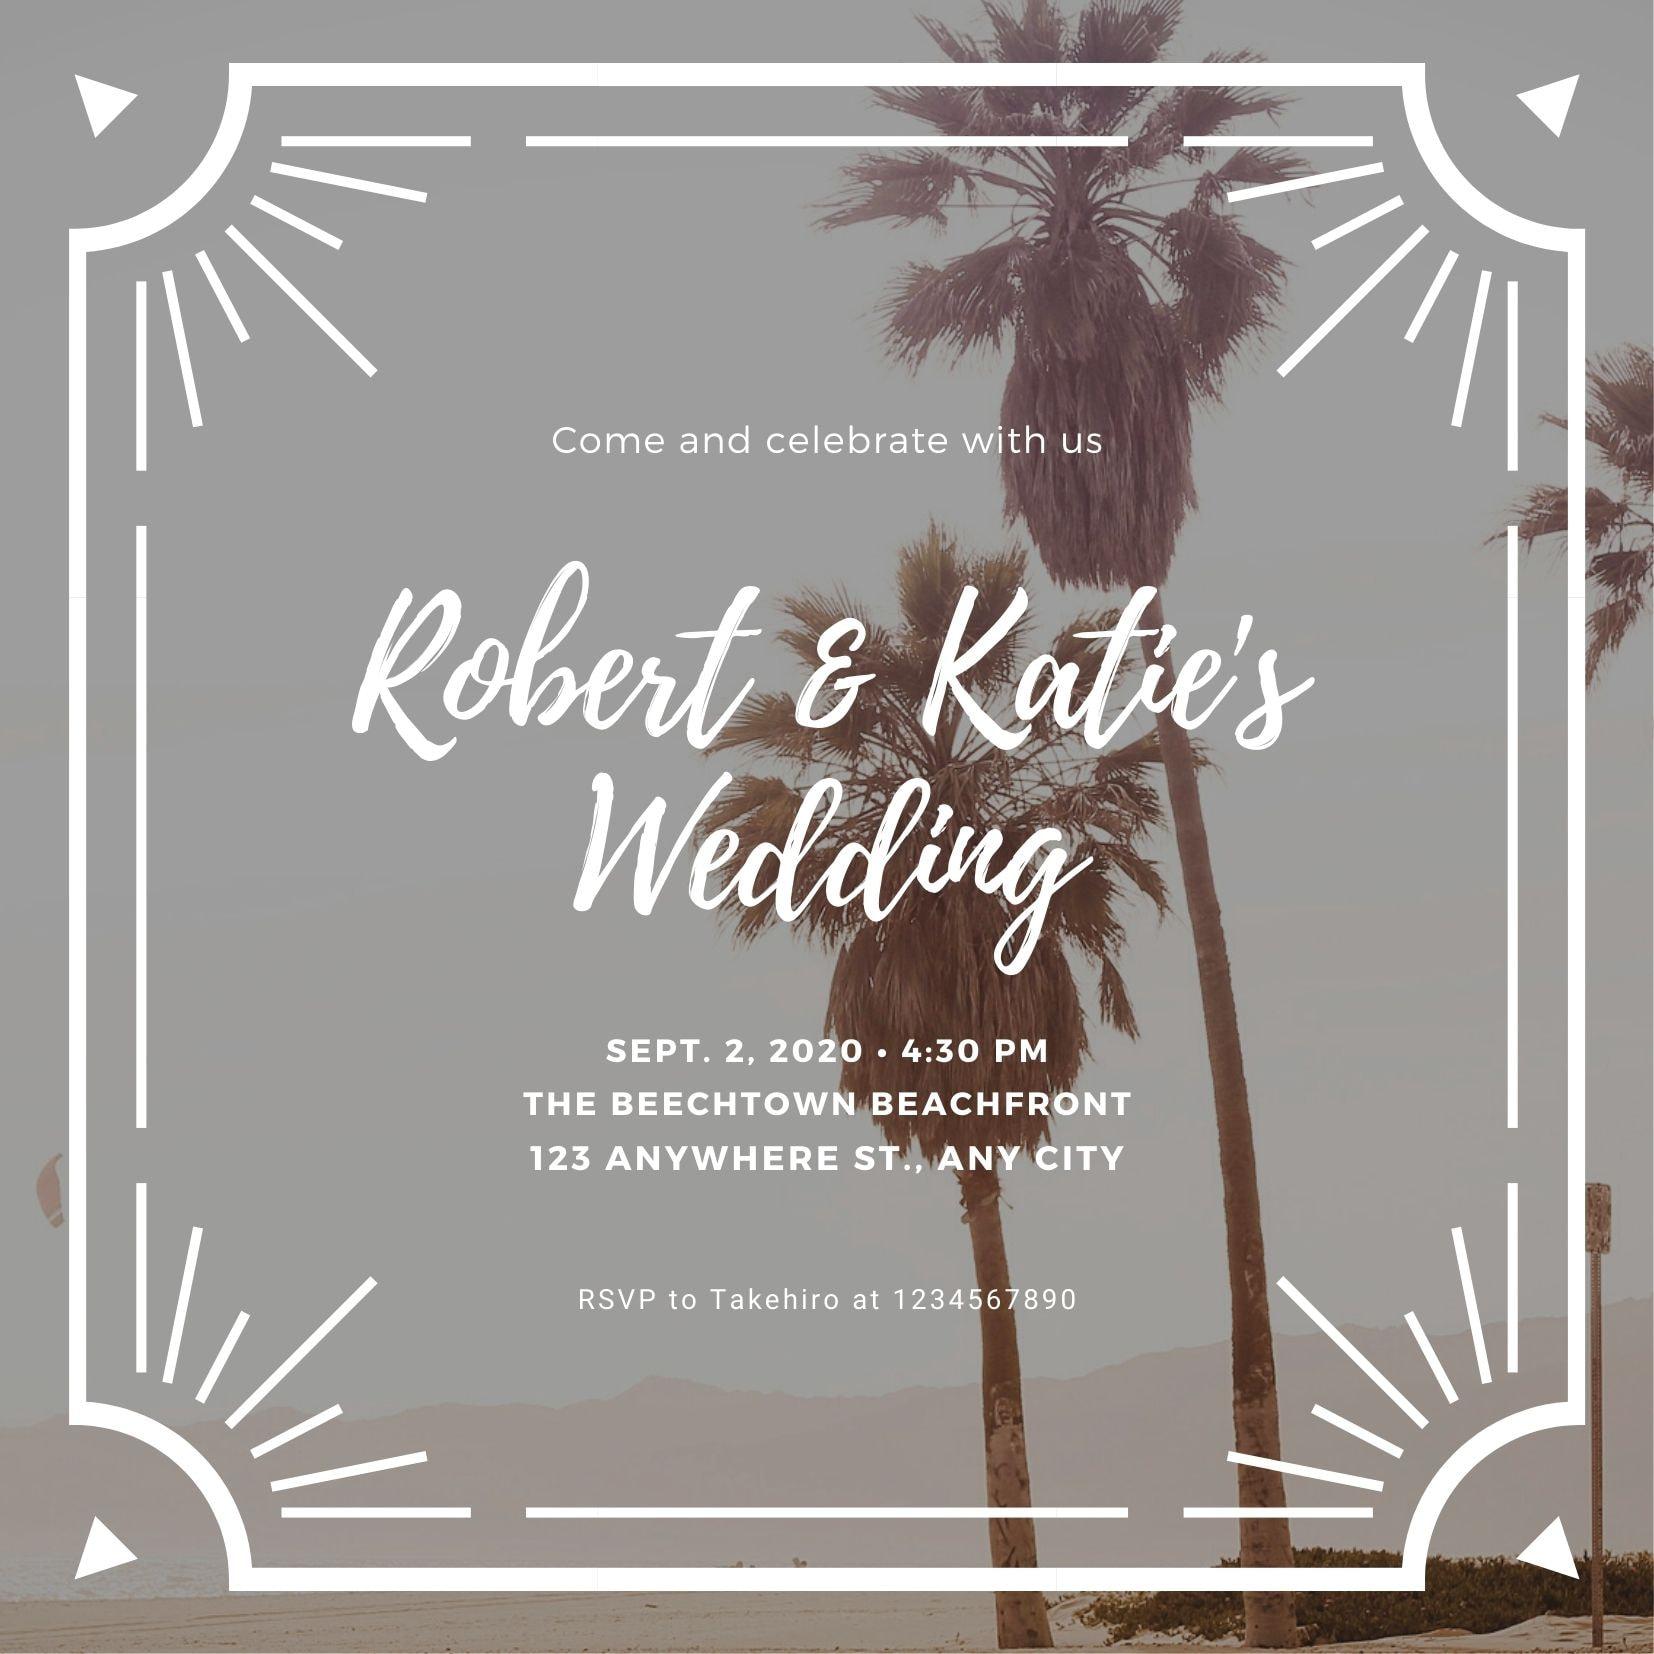 บัตรเชิญงานแต่งงานริมชายหาด